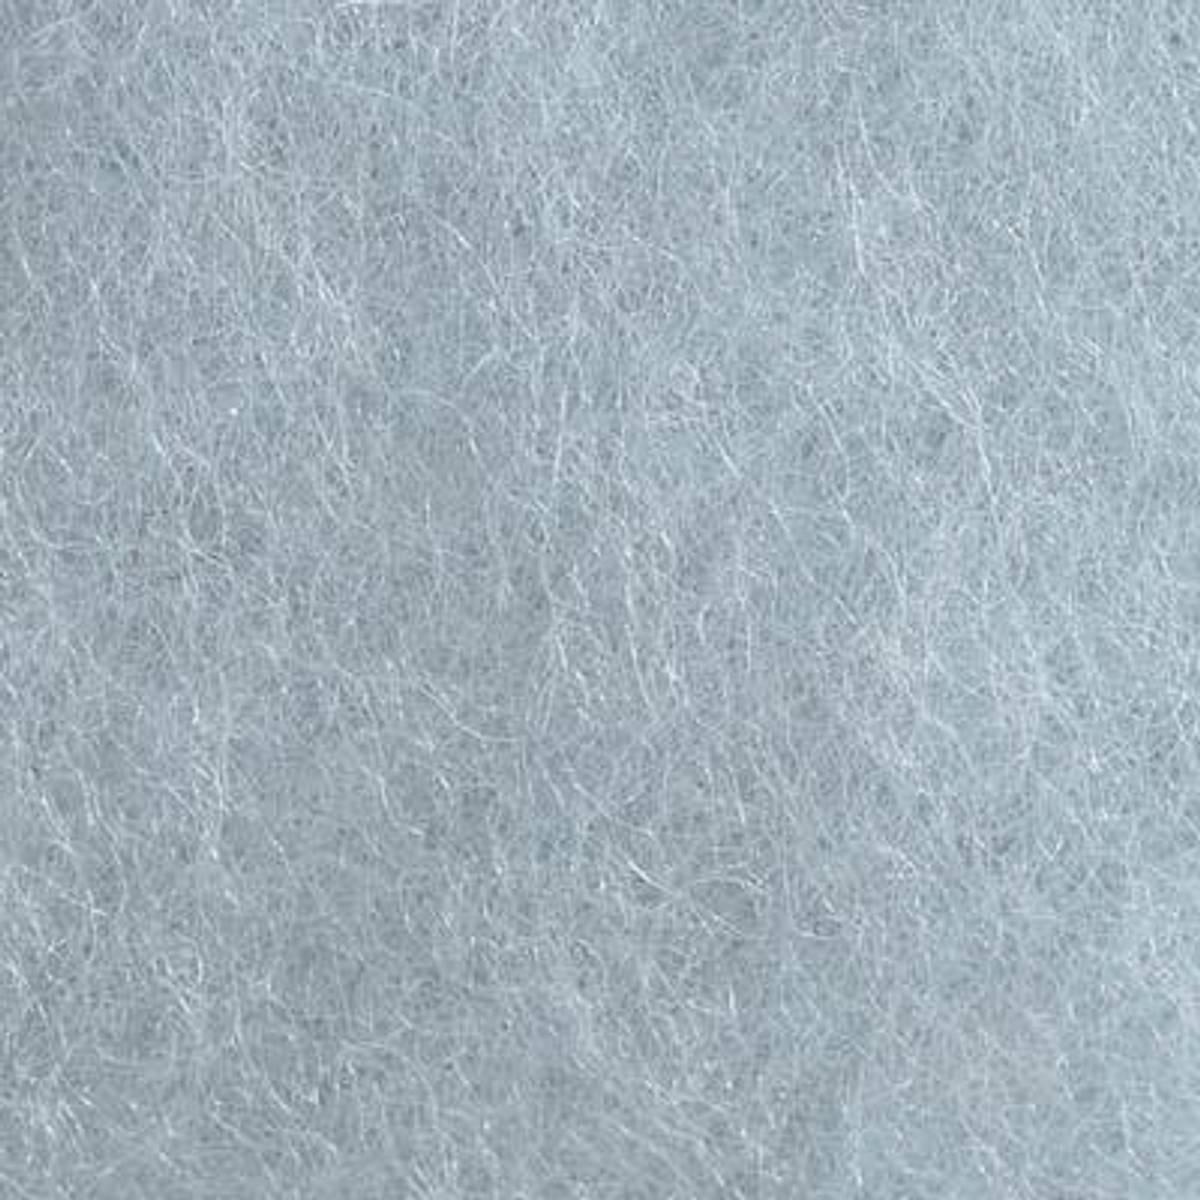 Kardet ull, isblå 100g